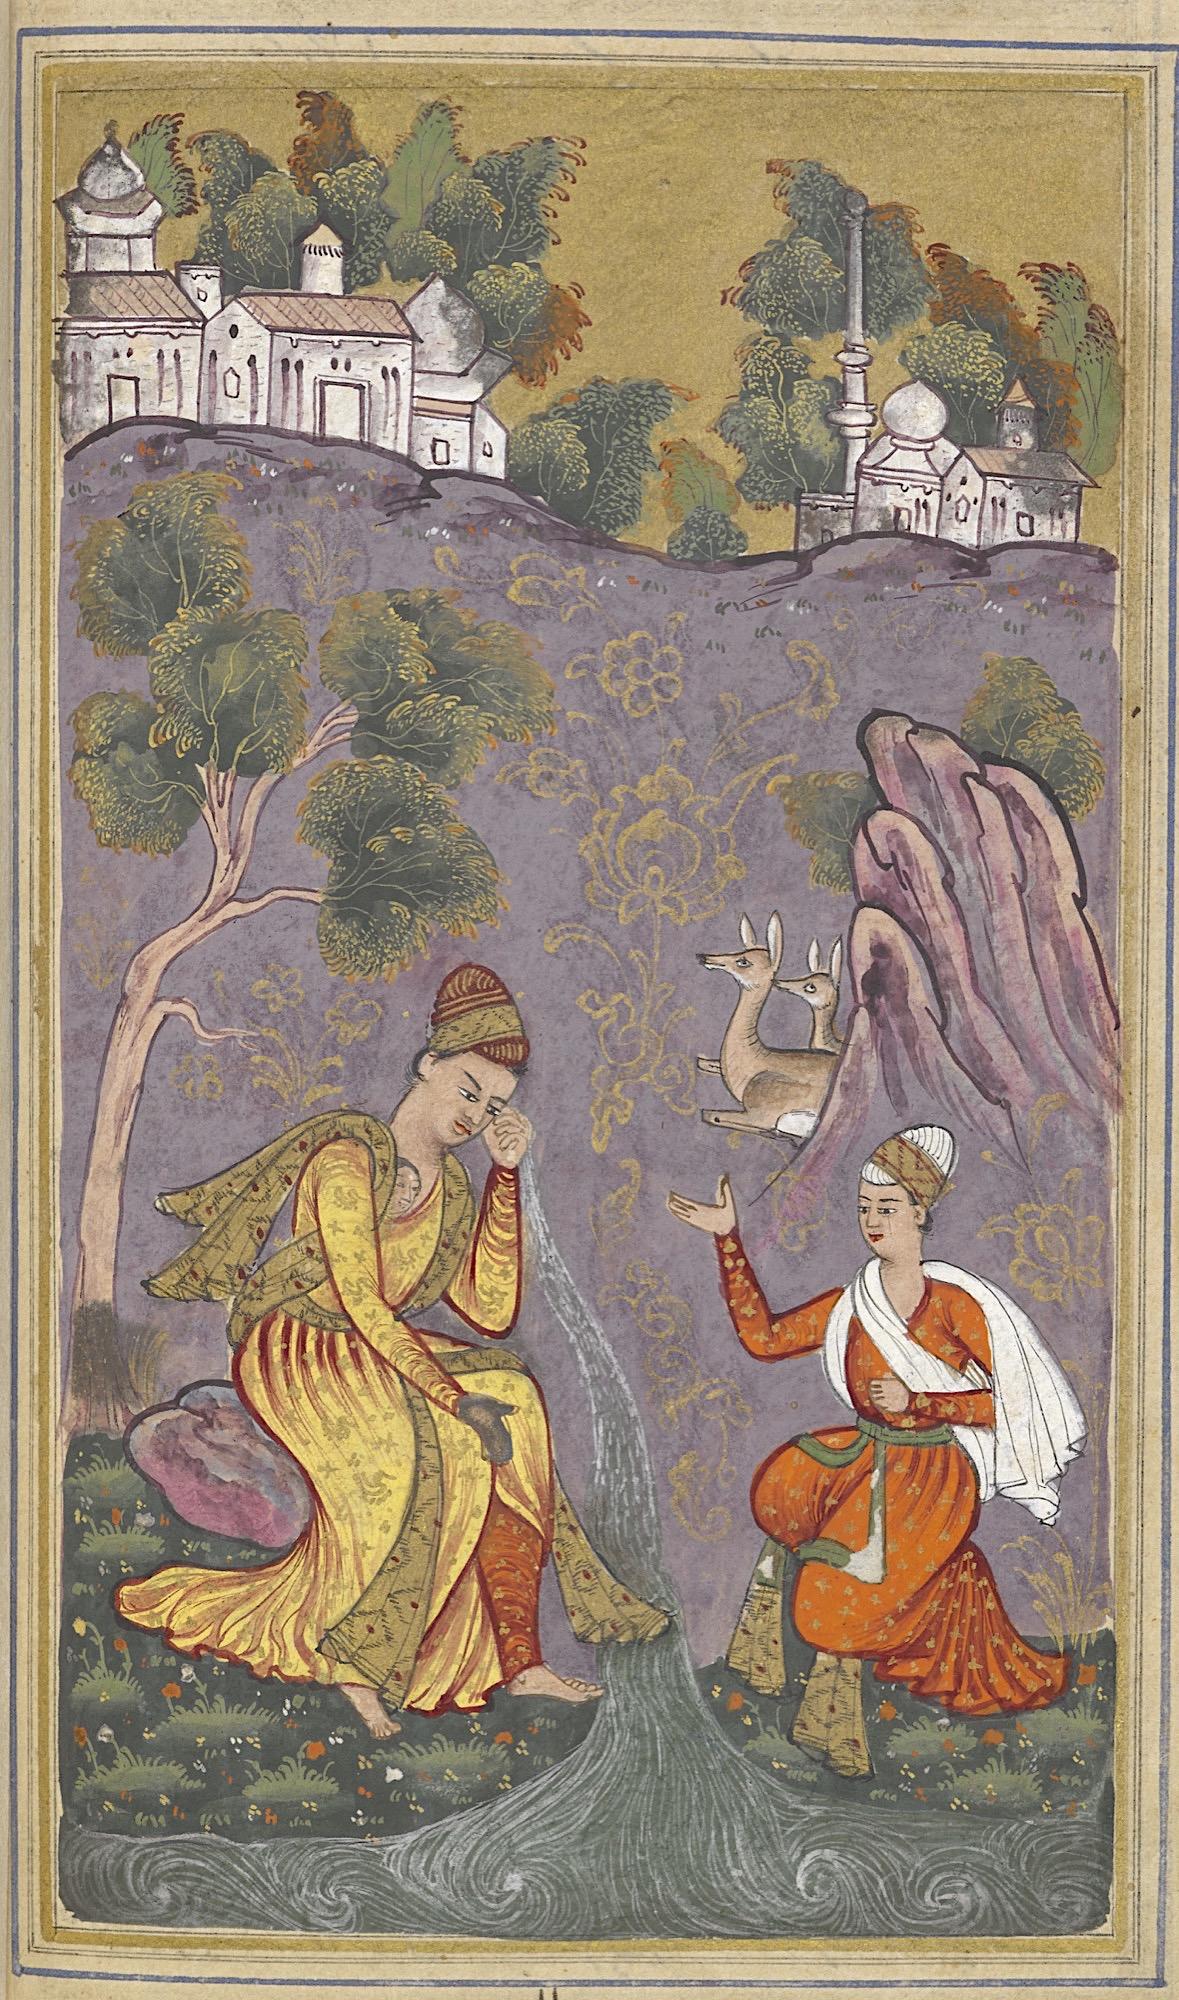 Pem nem: a 16th-century Urdu romance goes on-line - Asian